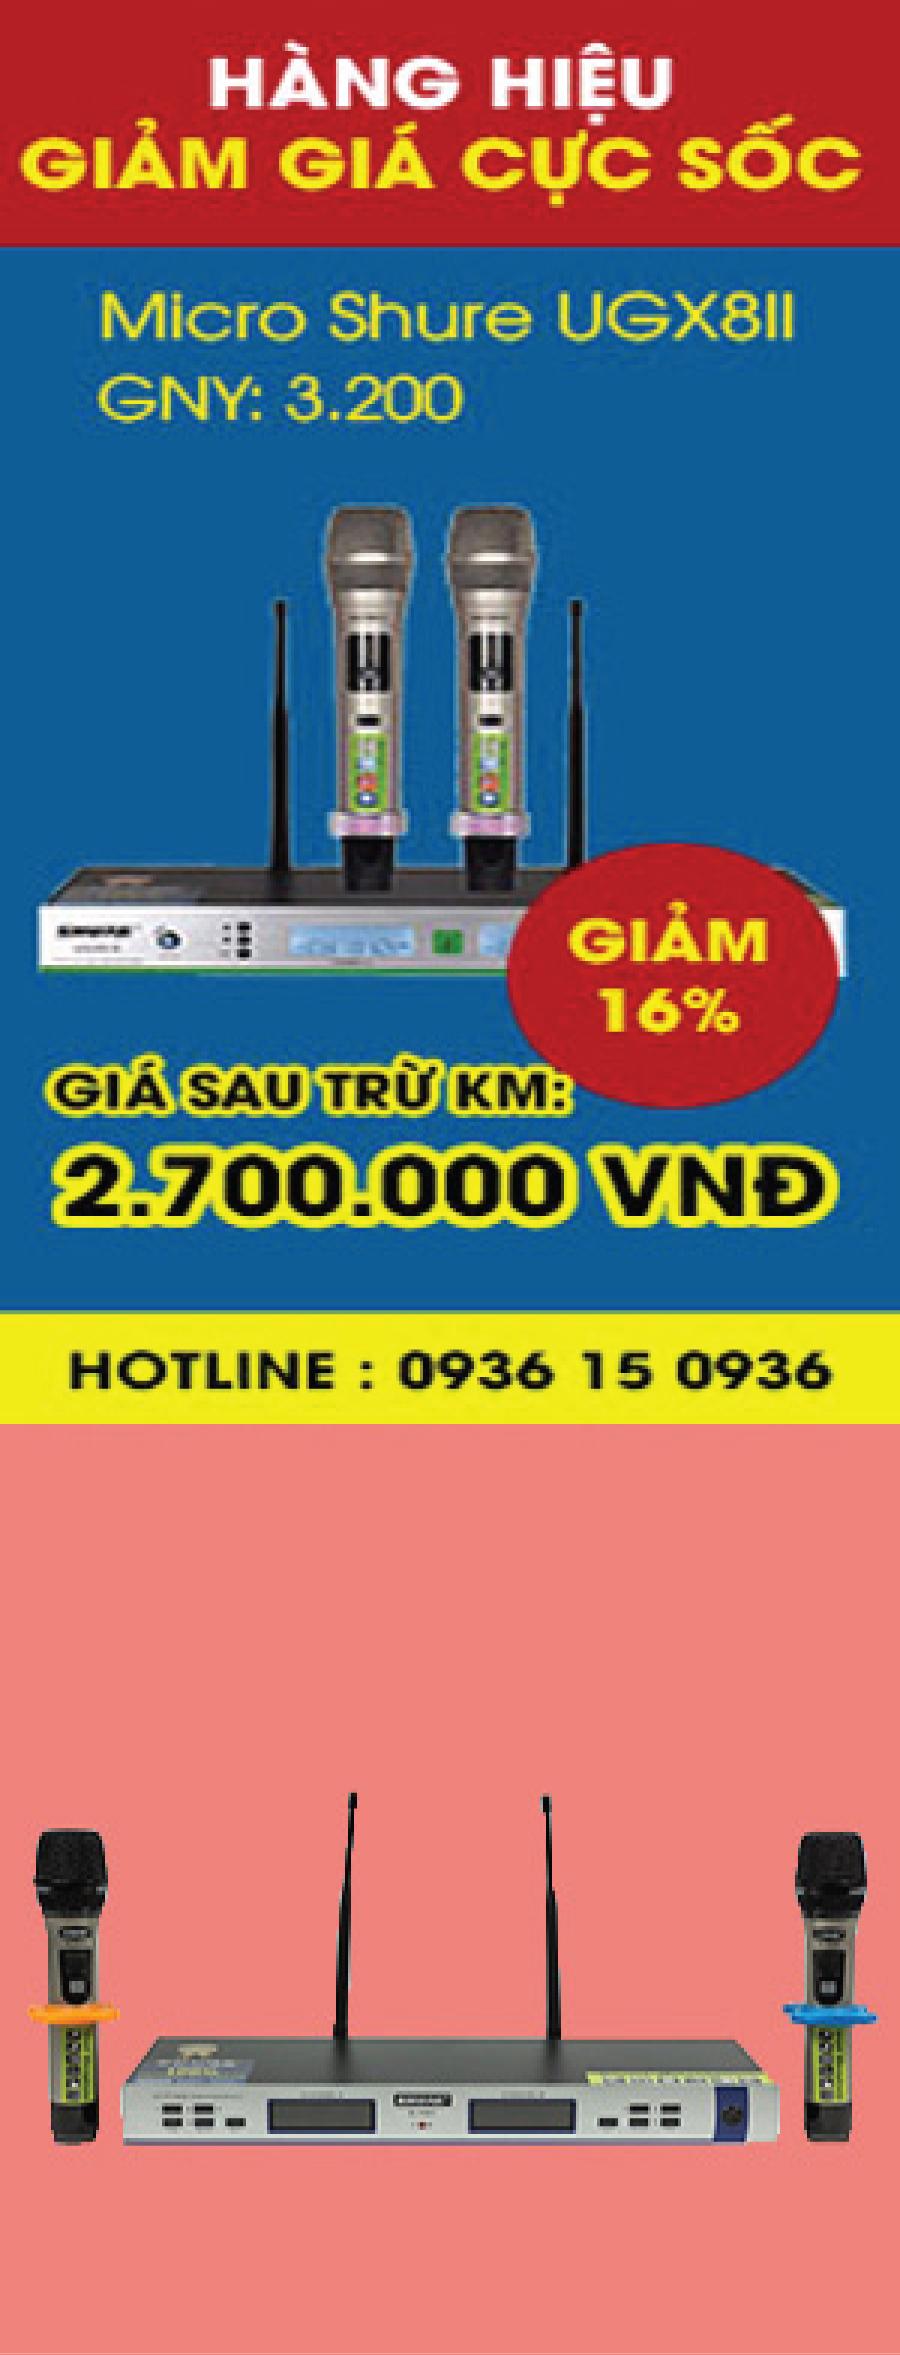 UGX9 Plus